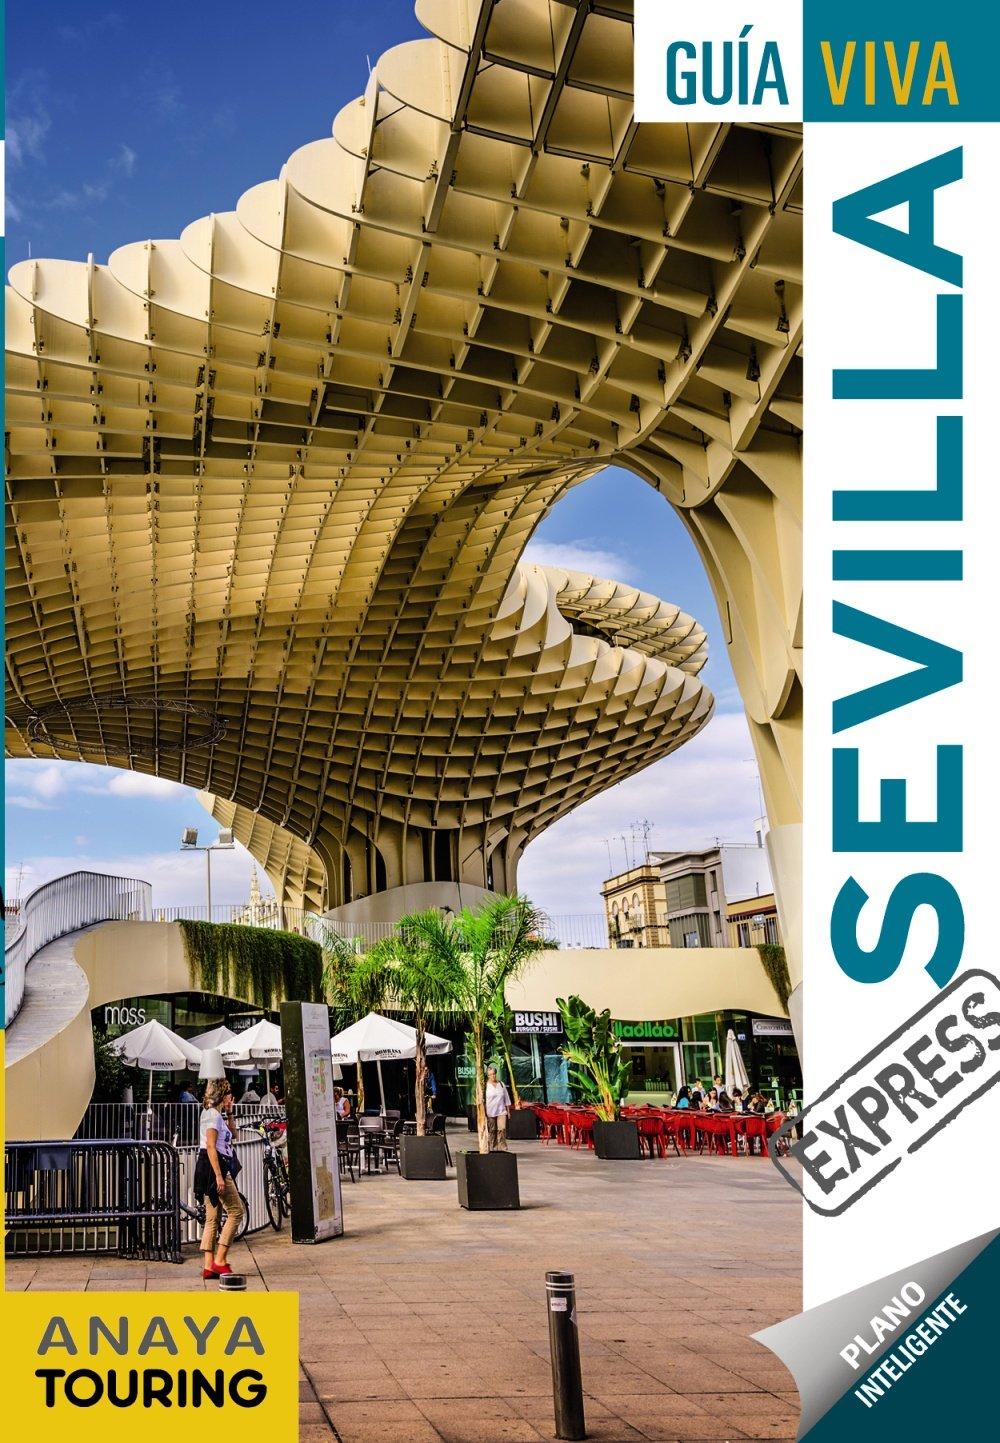 Sevilla (Guía Viva Express - España): Amazon.es: Anaya Touring, Prior Venegas, María, Miquélez de Mendiluce, Edurne: Libros